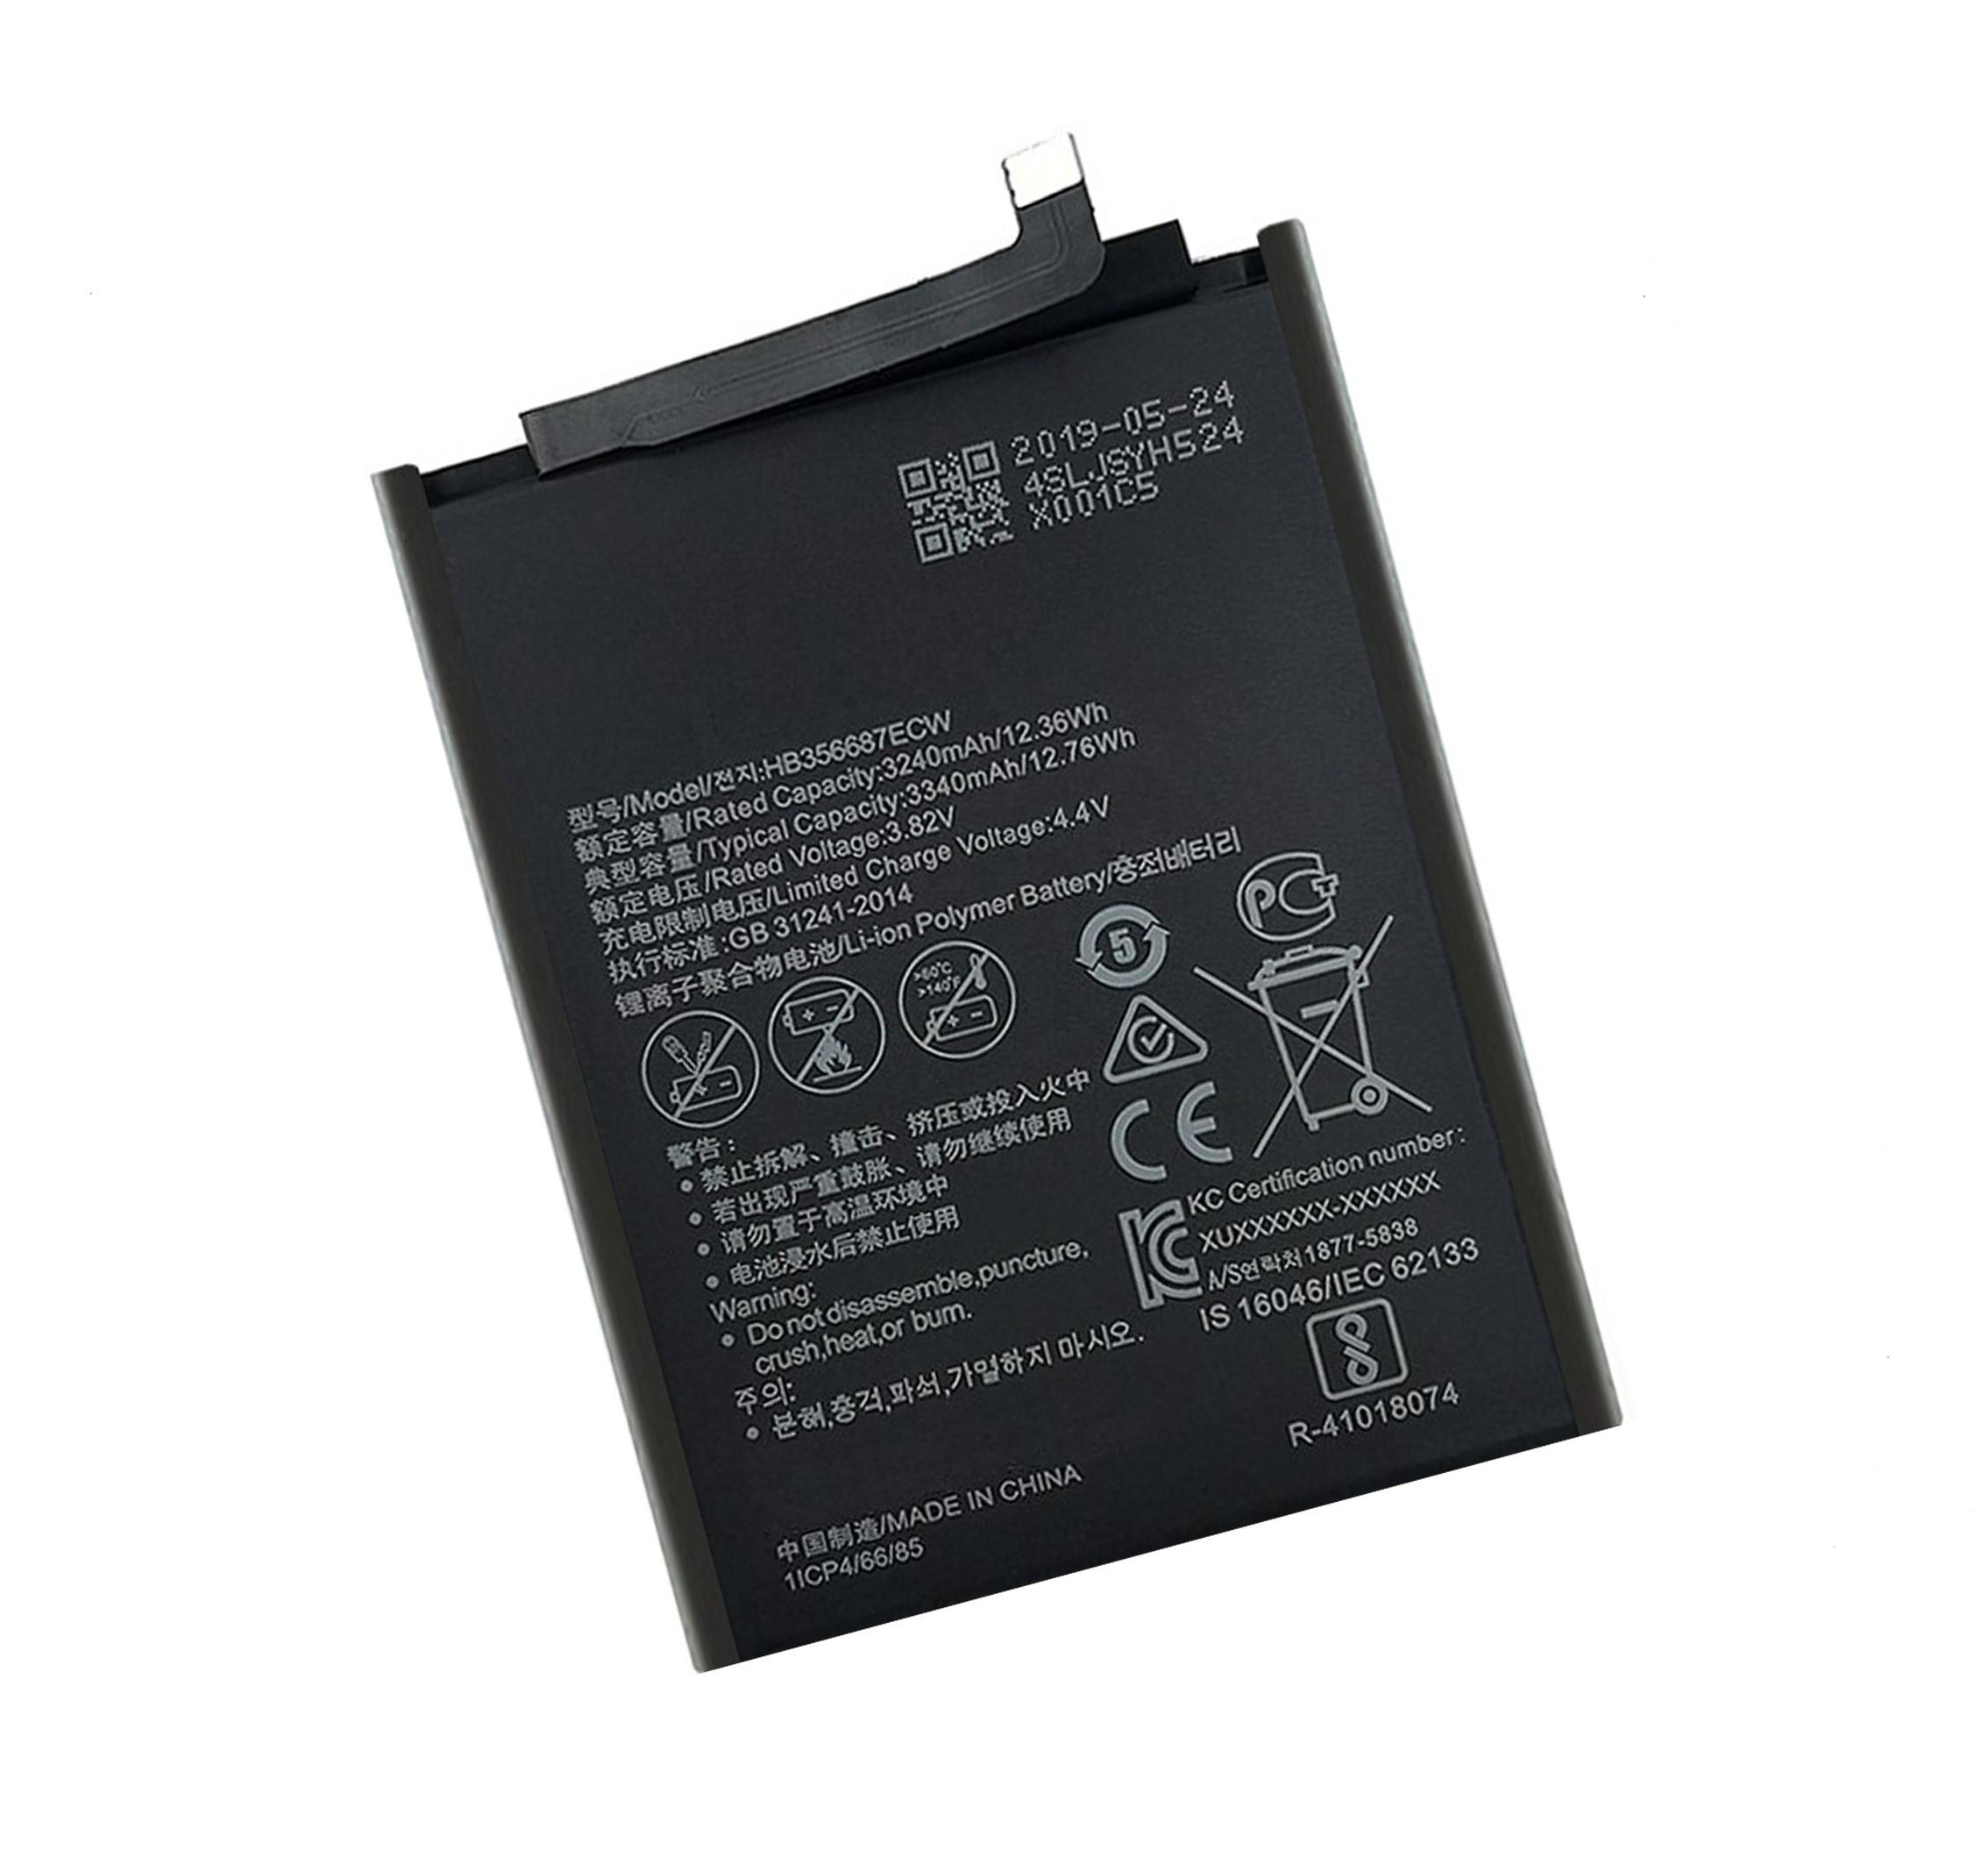 Батарея для мобильного телефона dcteno HB356687ECW 3340 мАч G10 Mate 10 Lite 7X Nova 2 Plus Nova 2i 9i New Zero Cyc